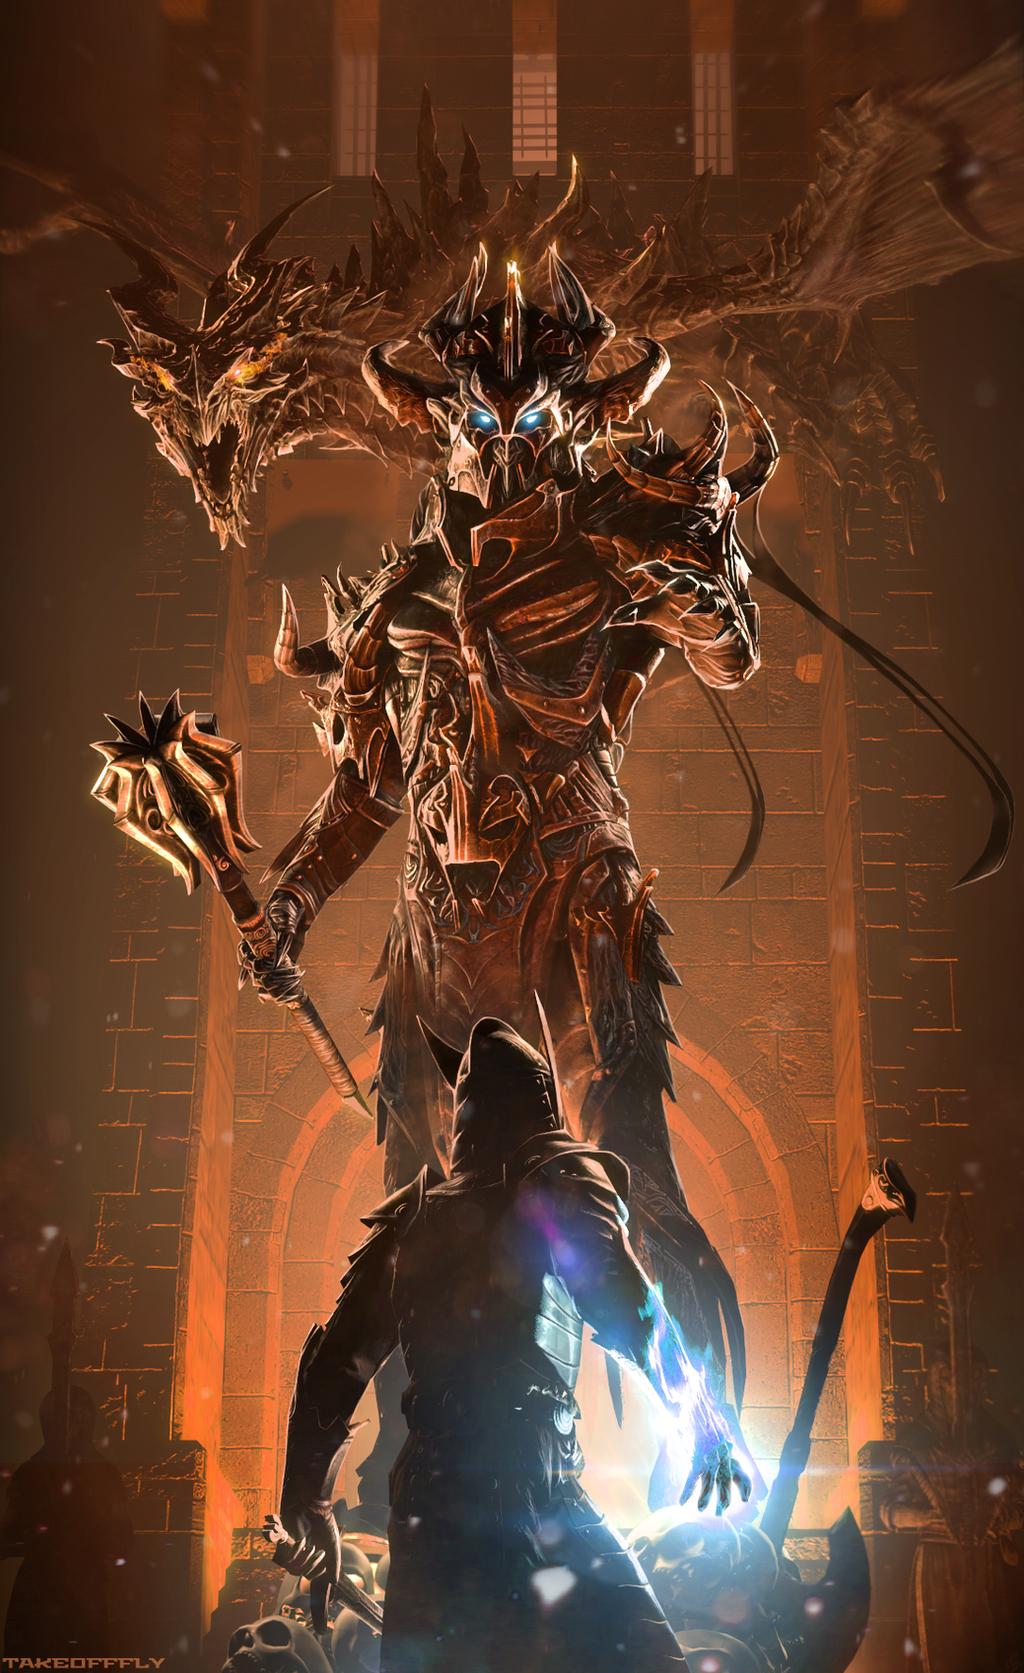 Galeria de Arte: Ficção & Fantasia 1 - Página 4 Lord_of_the_dragons_by_takeofffly-d7wsdqz